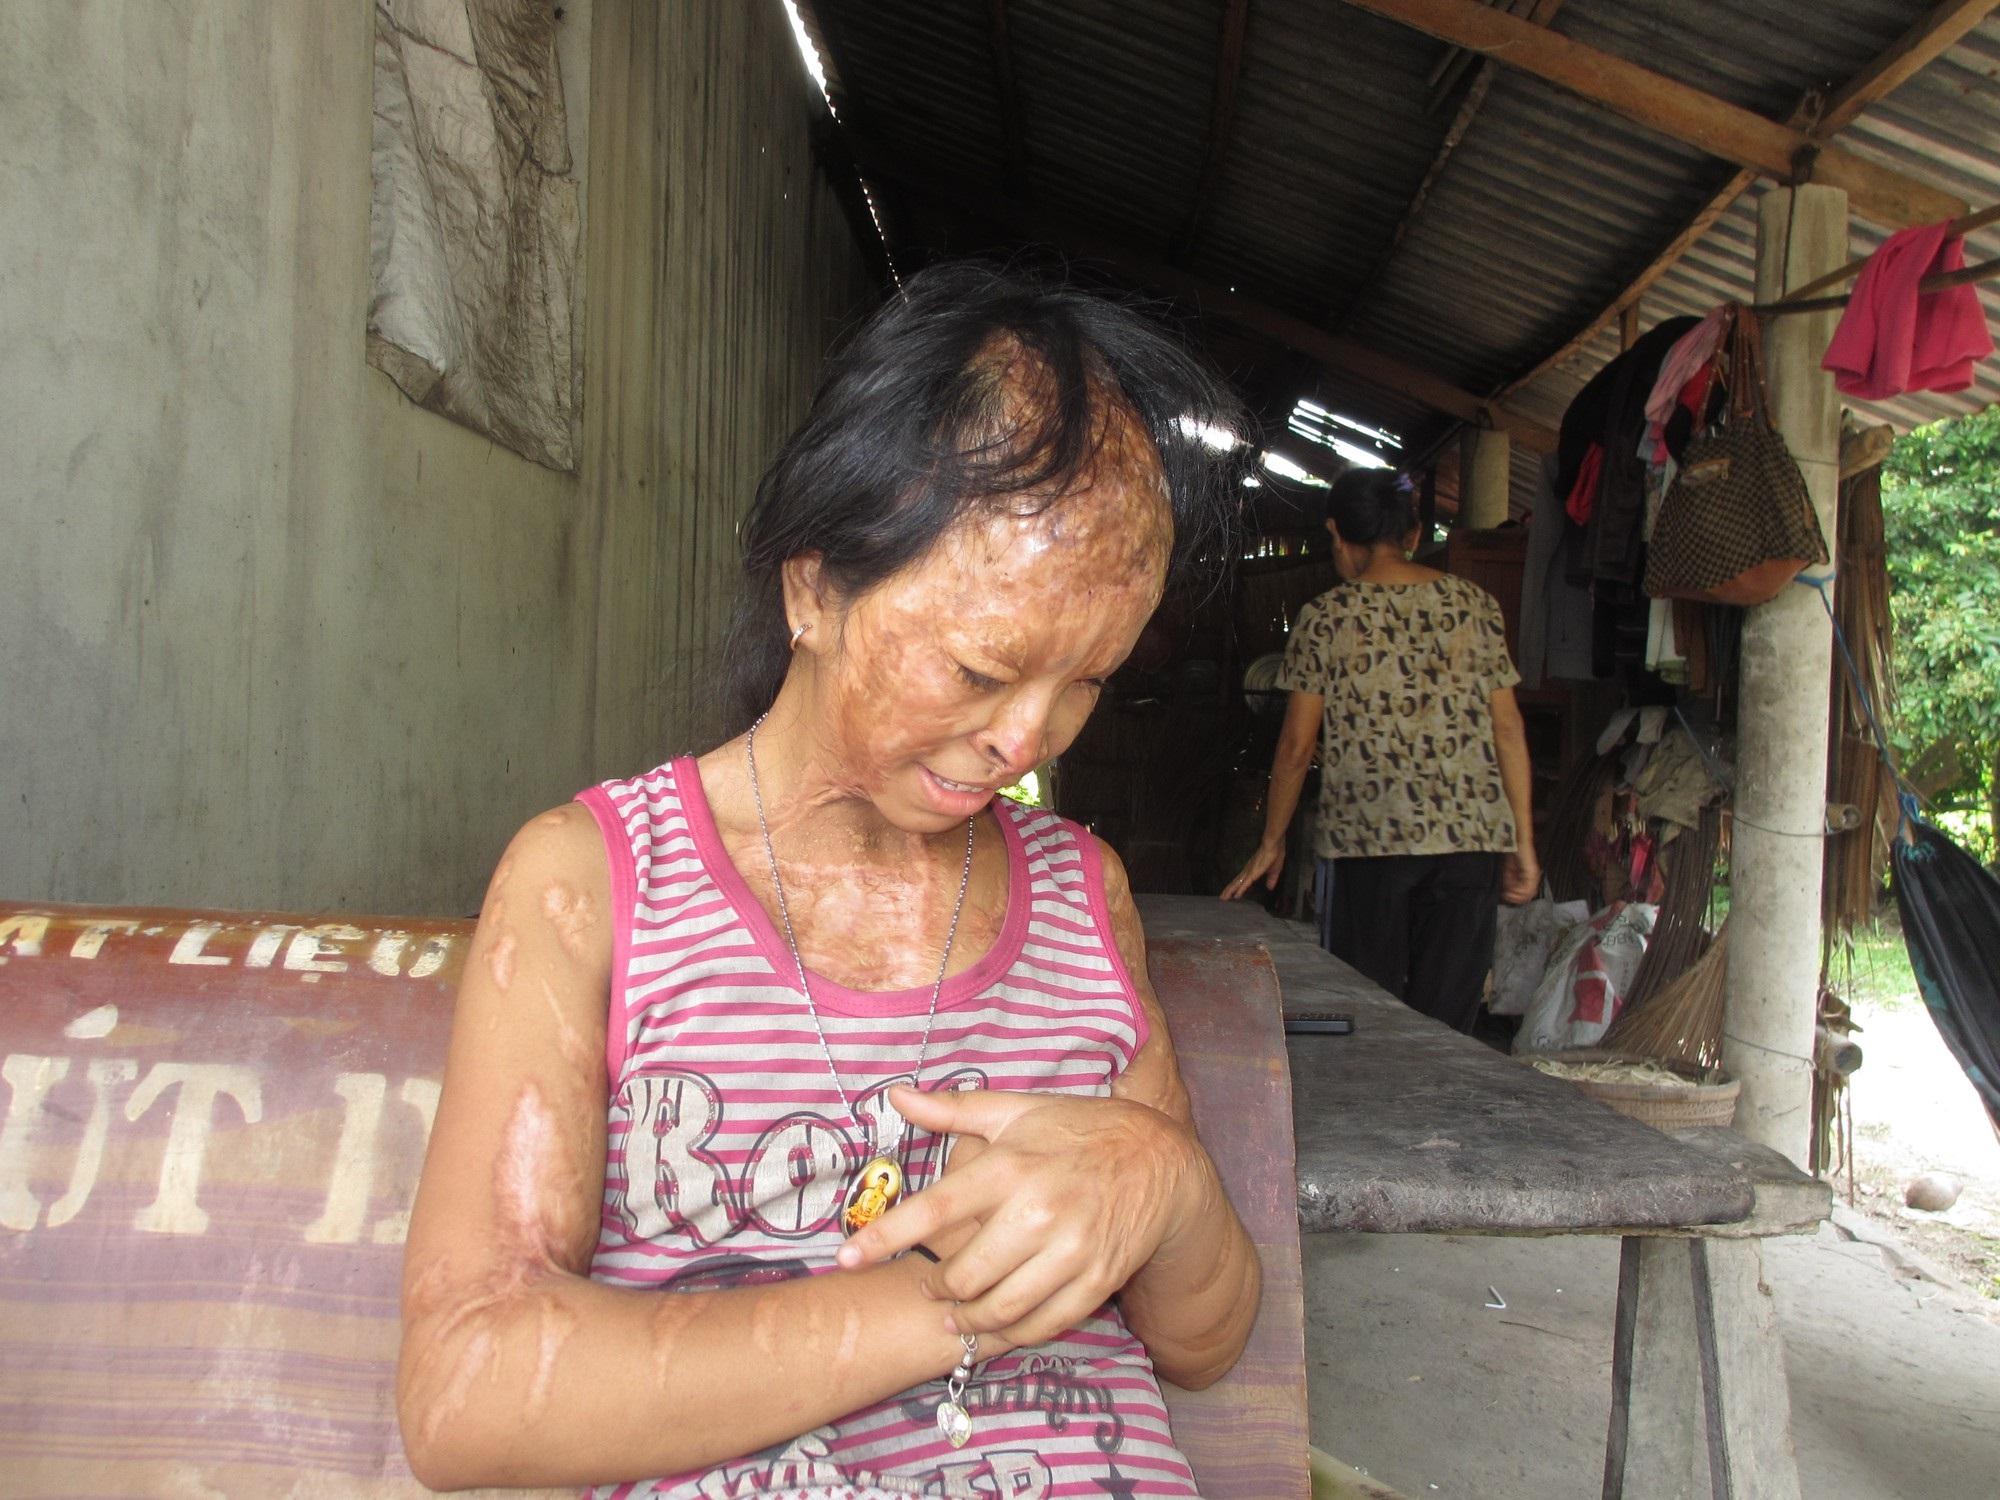 Bà nội bé gái bị tạt axit năm 7 tuổi vì mẹ 'giật chồng' người khác: Tôi muốn xin đôi mắt của tử tù Nguyễn Hữu Tình để cứu cháu - Ảnh 3